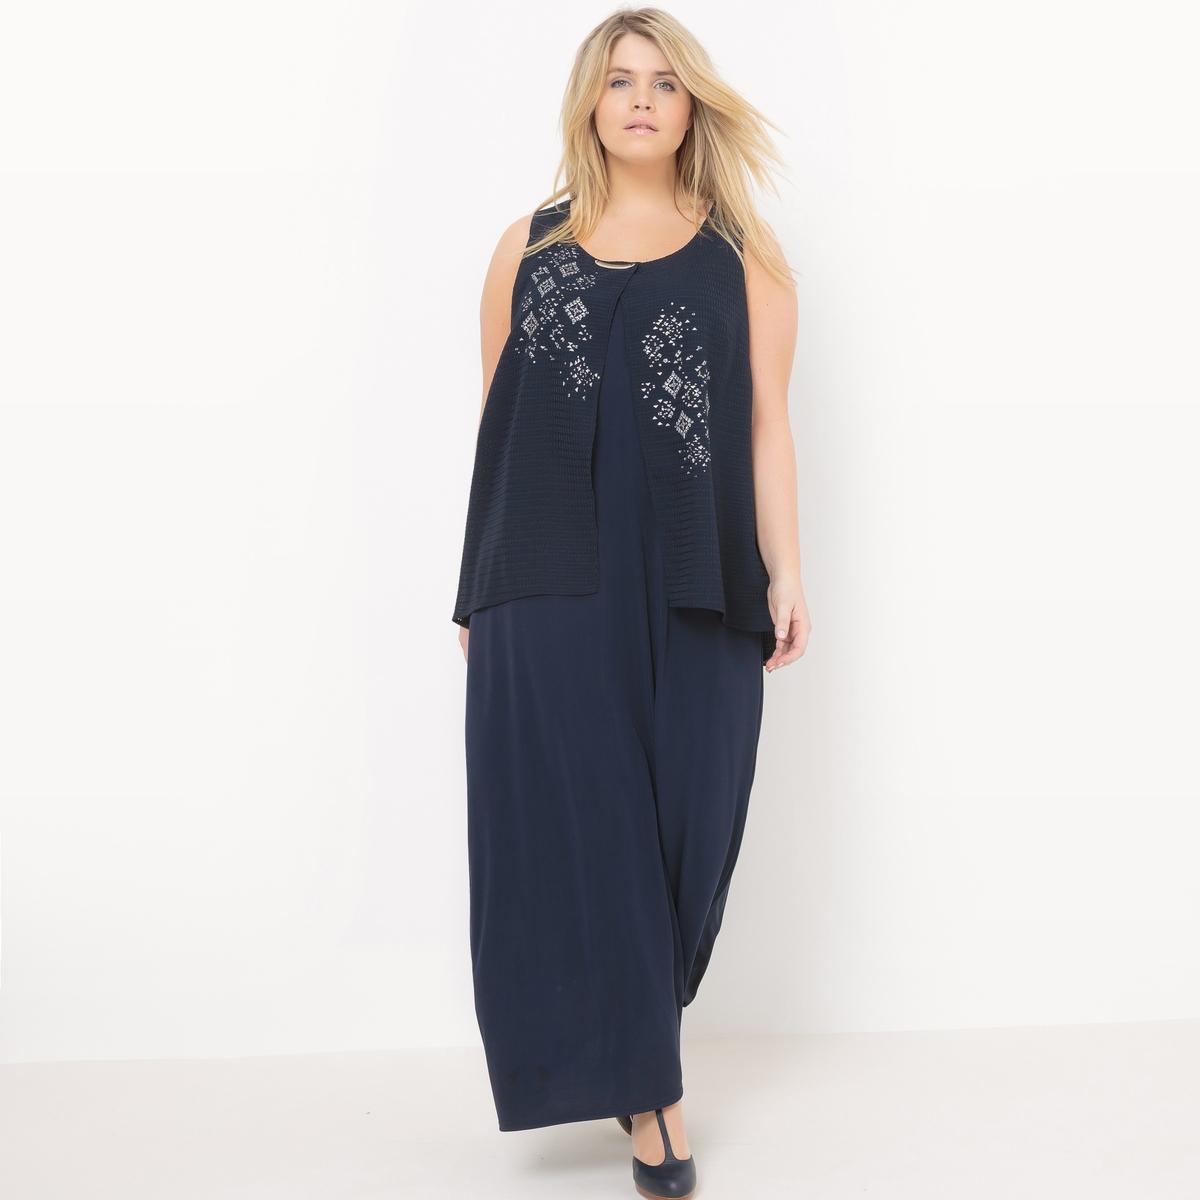 Платье длинноеДлинное платье без рукавов Mellem. С эффектом 2 в 1. Закругленный вырез, скромное украшение. Однотонный креп и вуаль с плетеным орнаментом и шелкографией. 95% полиэстера, 5% эластана.<br><br>Цвет: темно-синий<br>Размер: 54 (FR) - 60 (RUS)